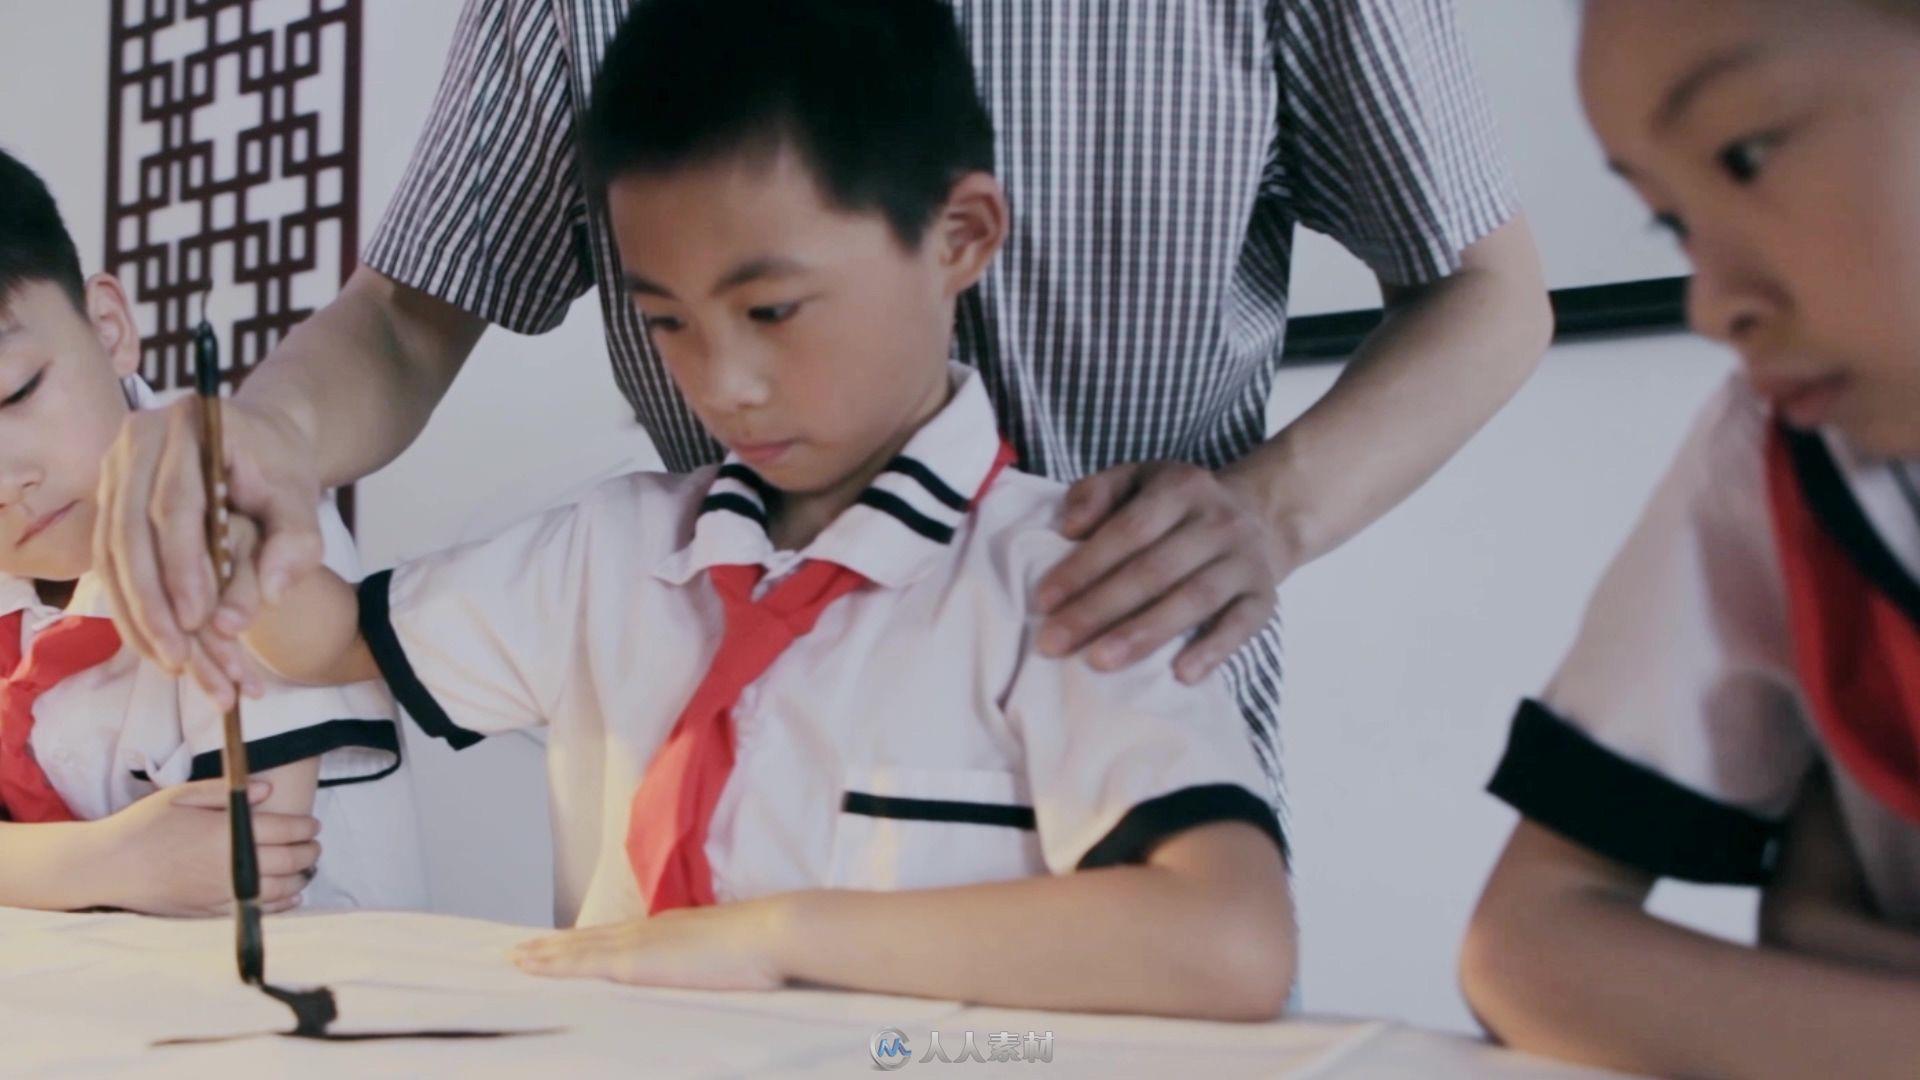 小学生上课v素材课间排名素材视频2016小学玩耍嘉兴图片